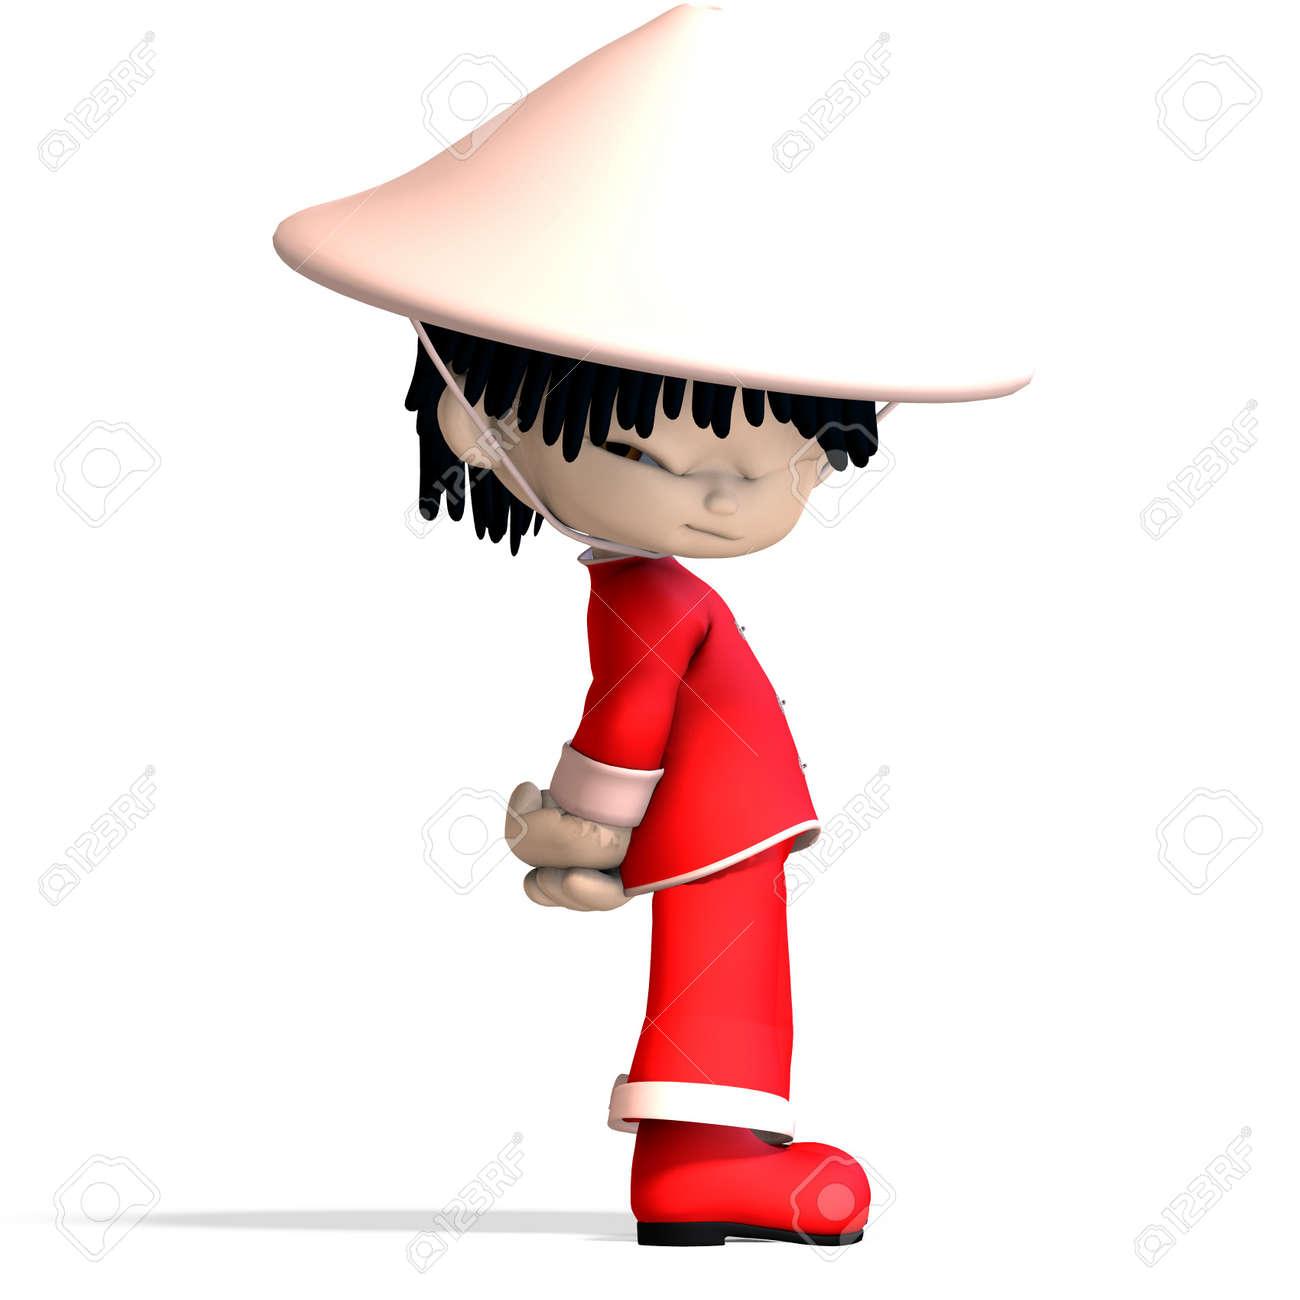 Petit Garçon De Chine De Dessin Animé Est Tellement Mignons Et Drôle